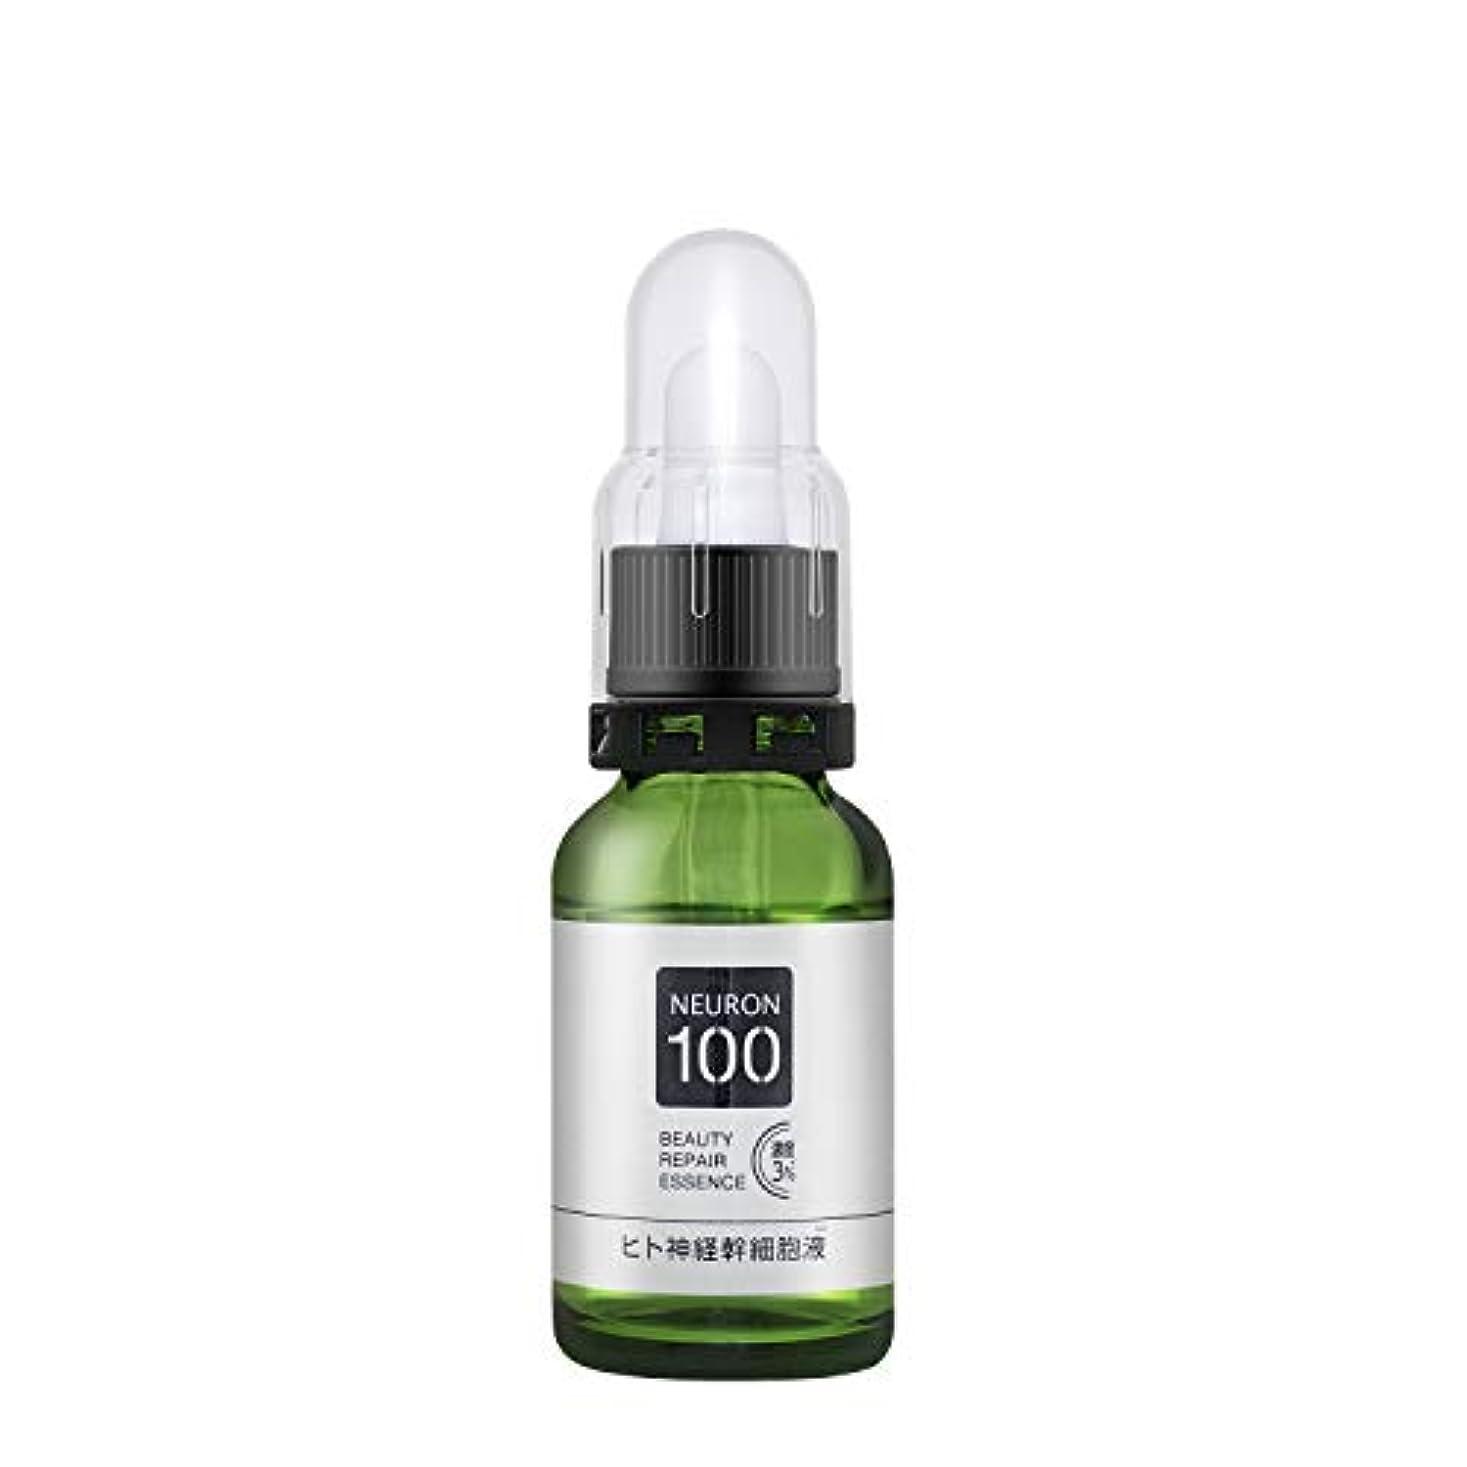 ロビー変動するに負けるエドニス ニューロン100 ヒト神経幹細胞ビューティーリペアエッセンス 濃度3% 美容液